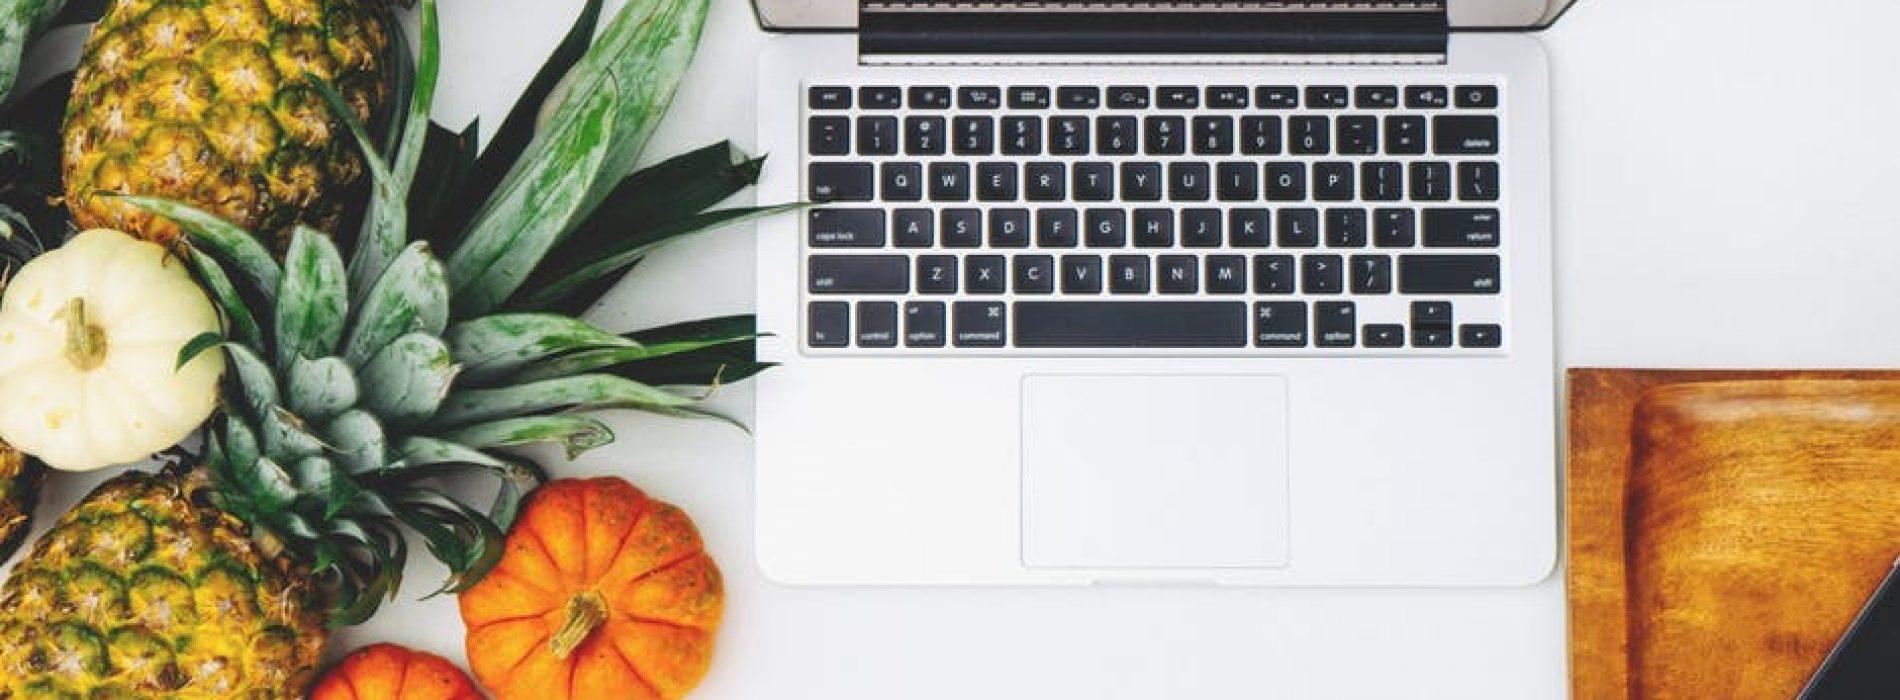 7 начина да останете здрави, когато сте твърде заети с работа